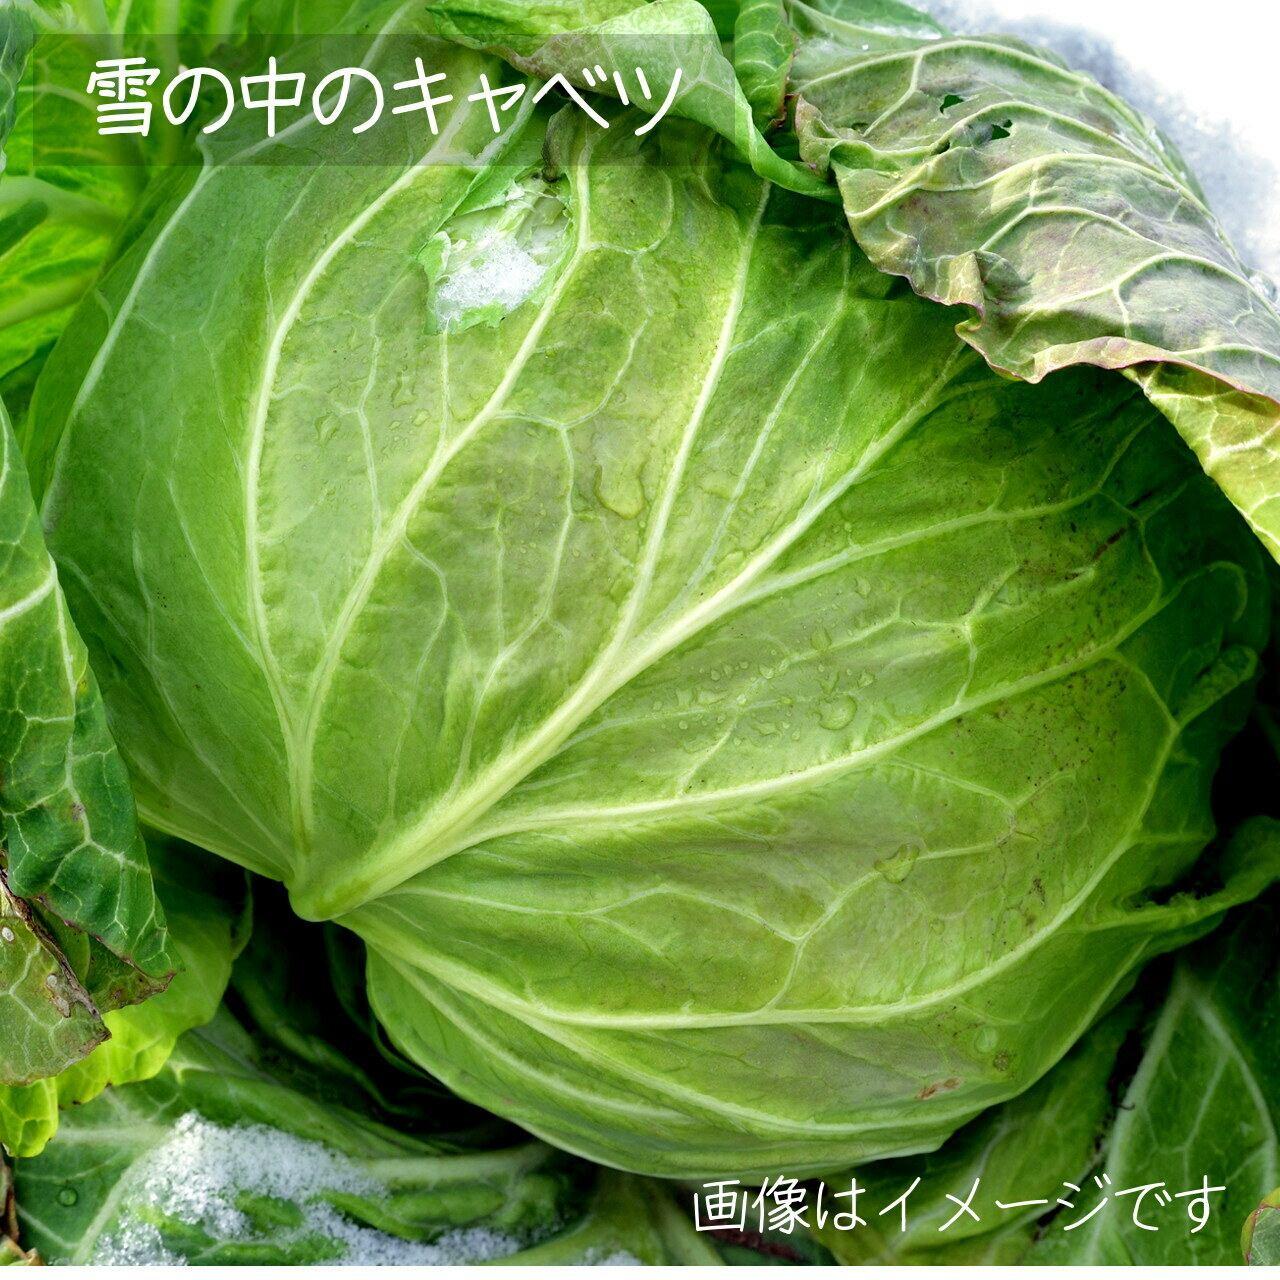 新鮮な冬野菜 : キャベツ 1個 11月の朝採り直売野菜 11月28日発送予定